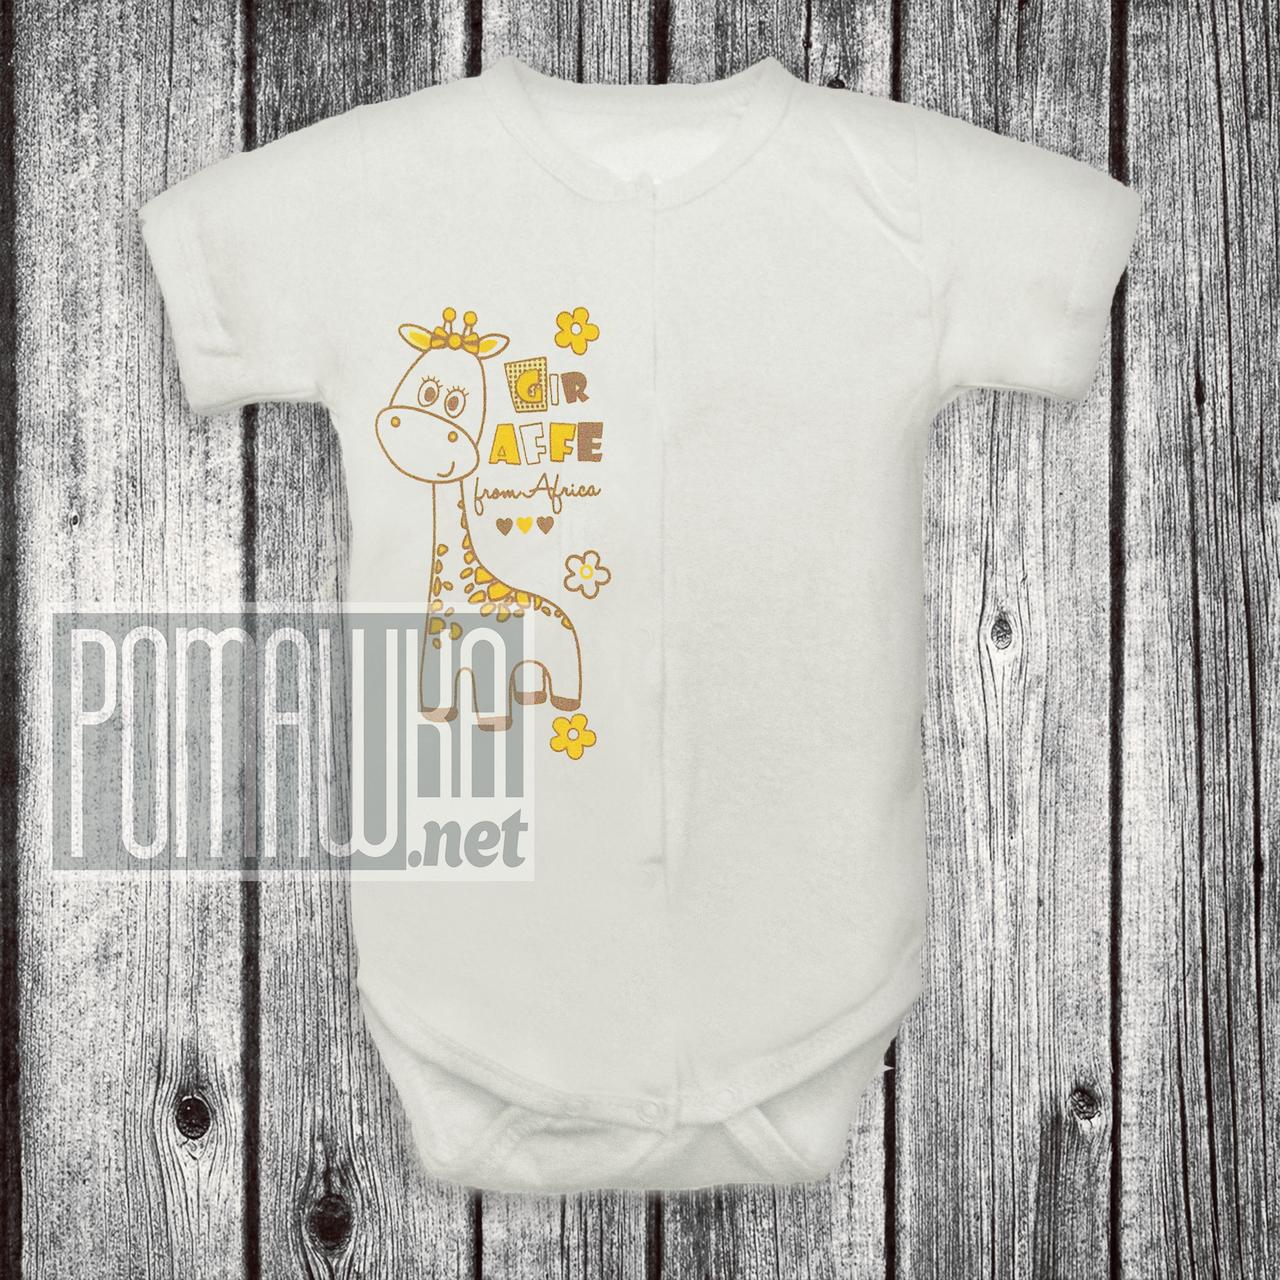 Детский боди футболка р 74 (68) 3-7 мес бодик короткий рукав для новорожденных малышей КУЛИР 3087 Бежевый